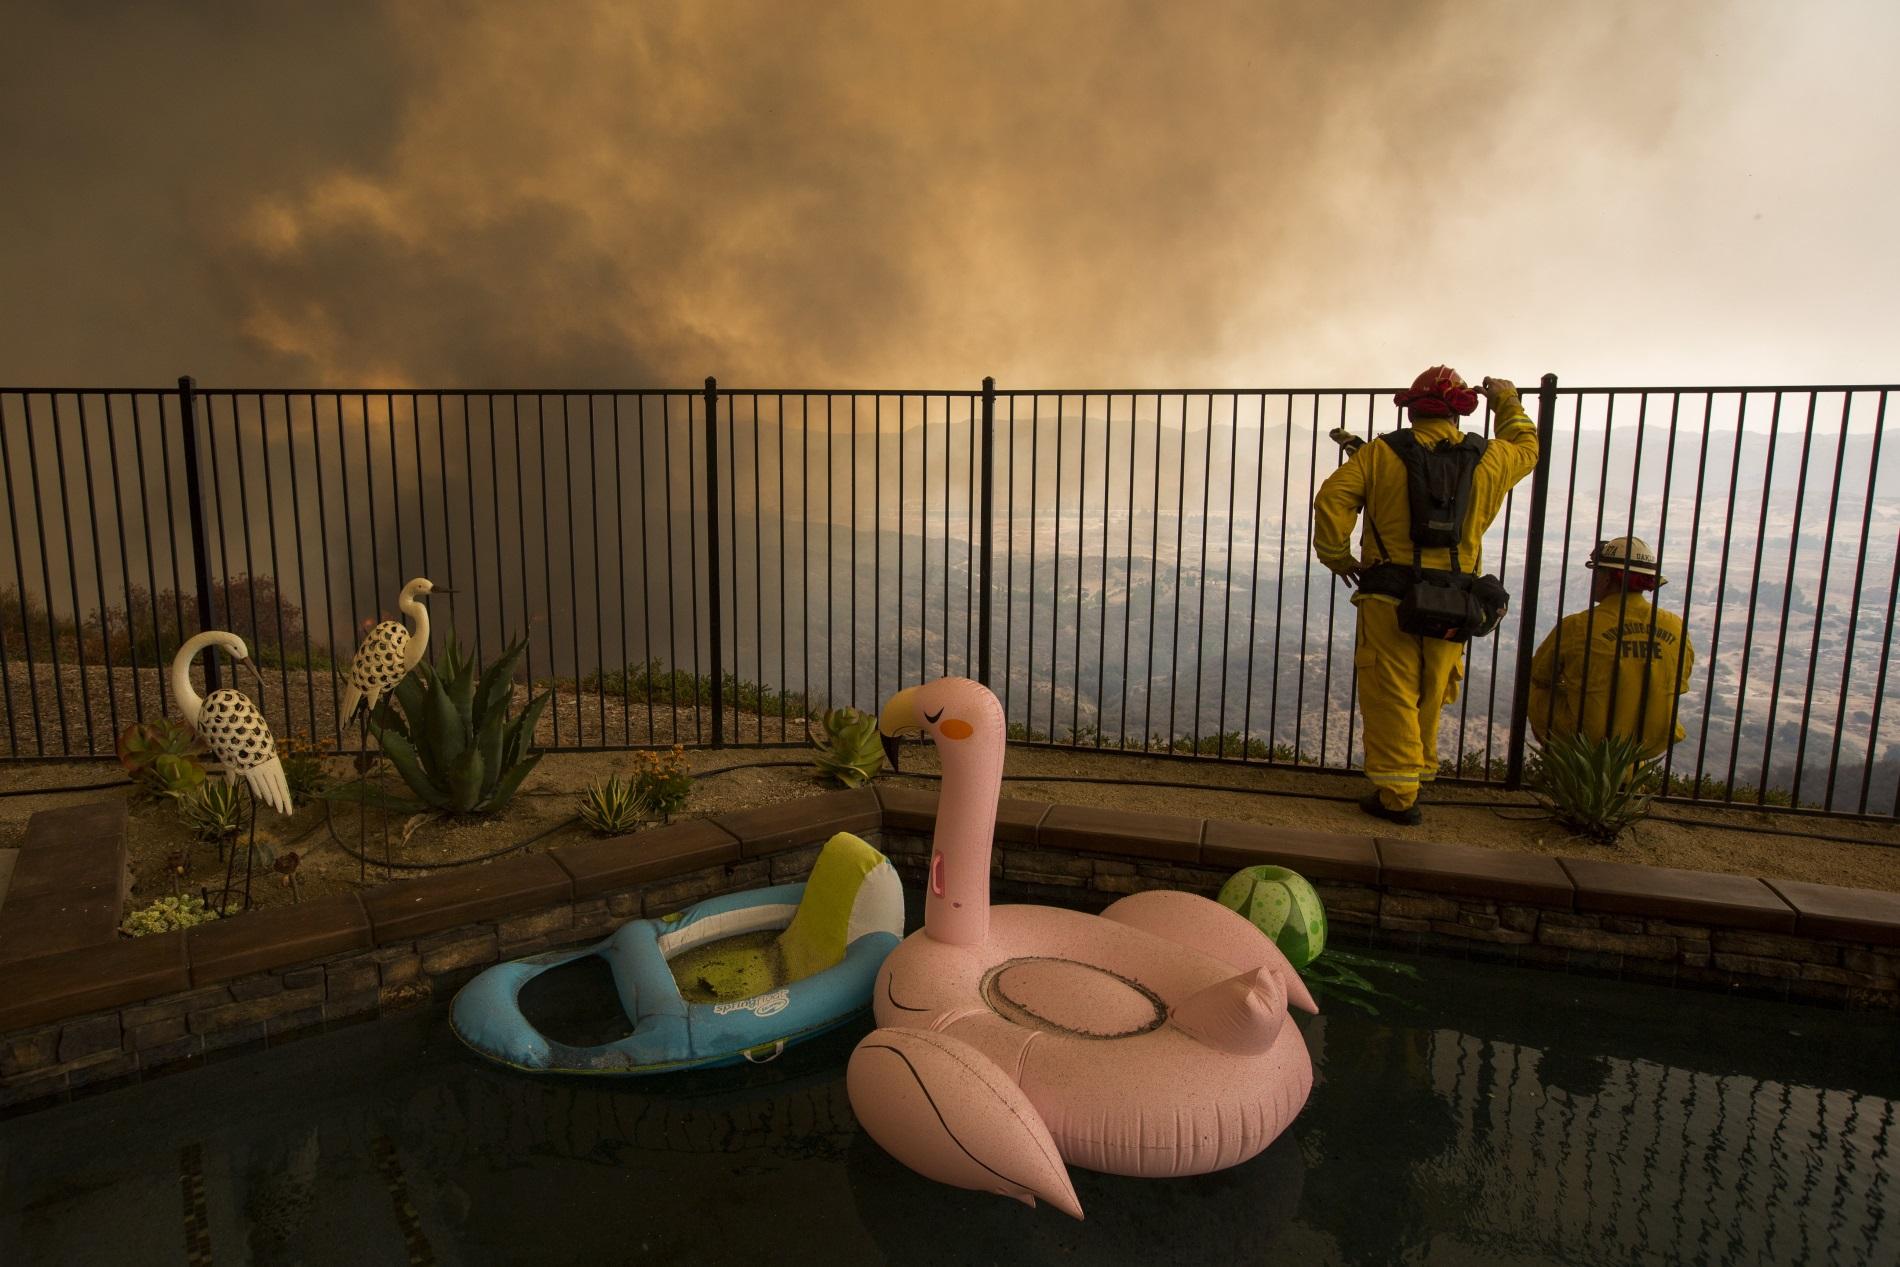 Пожарникарите наблюдават от двор огъня, заплашил стотици домове в Калифорния, САЩ, 9 август 2018 г. При нов пожар през ноември загинаха повече от 40 души, а хиляди сгради бяха унищожени, включително домовете на знаменитости като Джерард Бътлър, Майли Сайръс